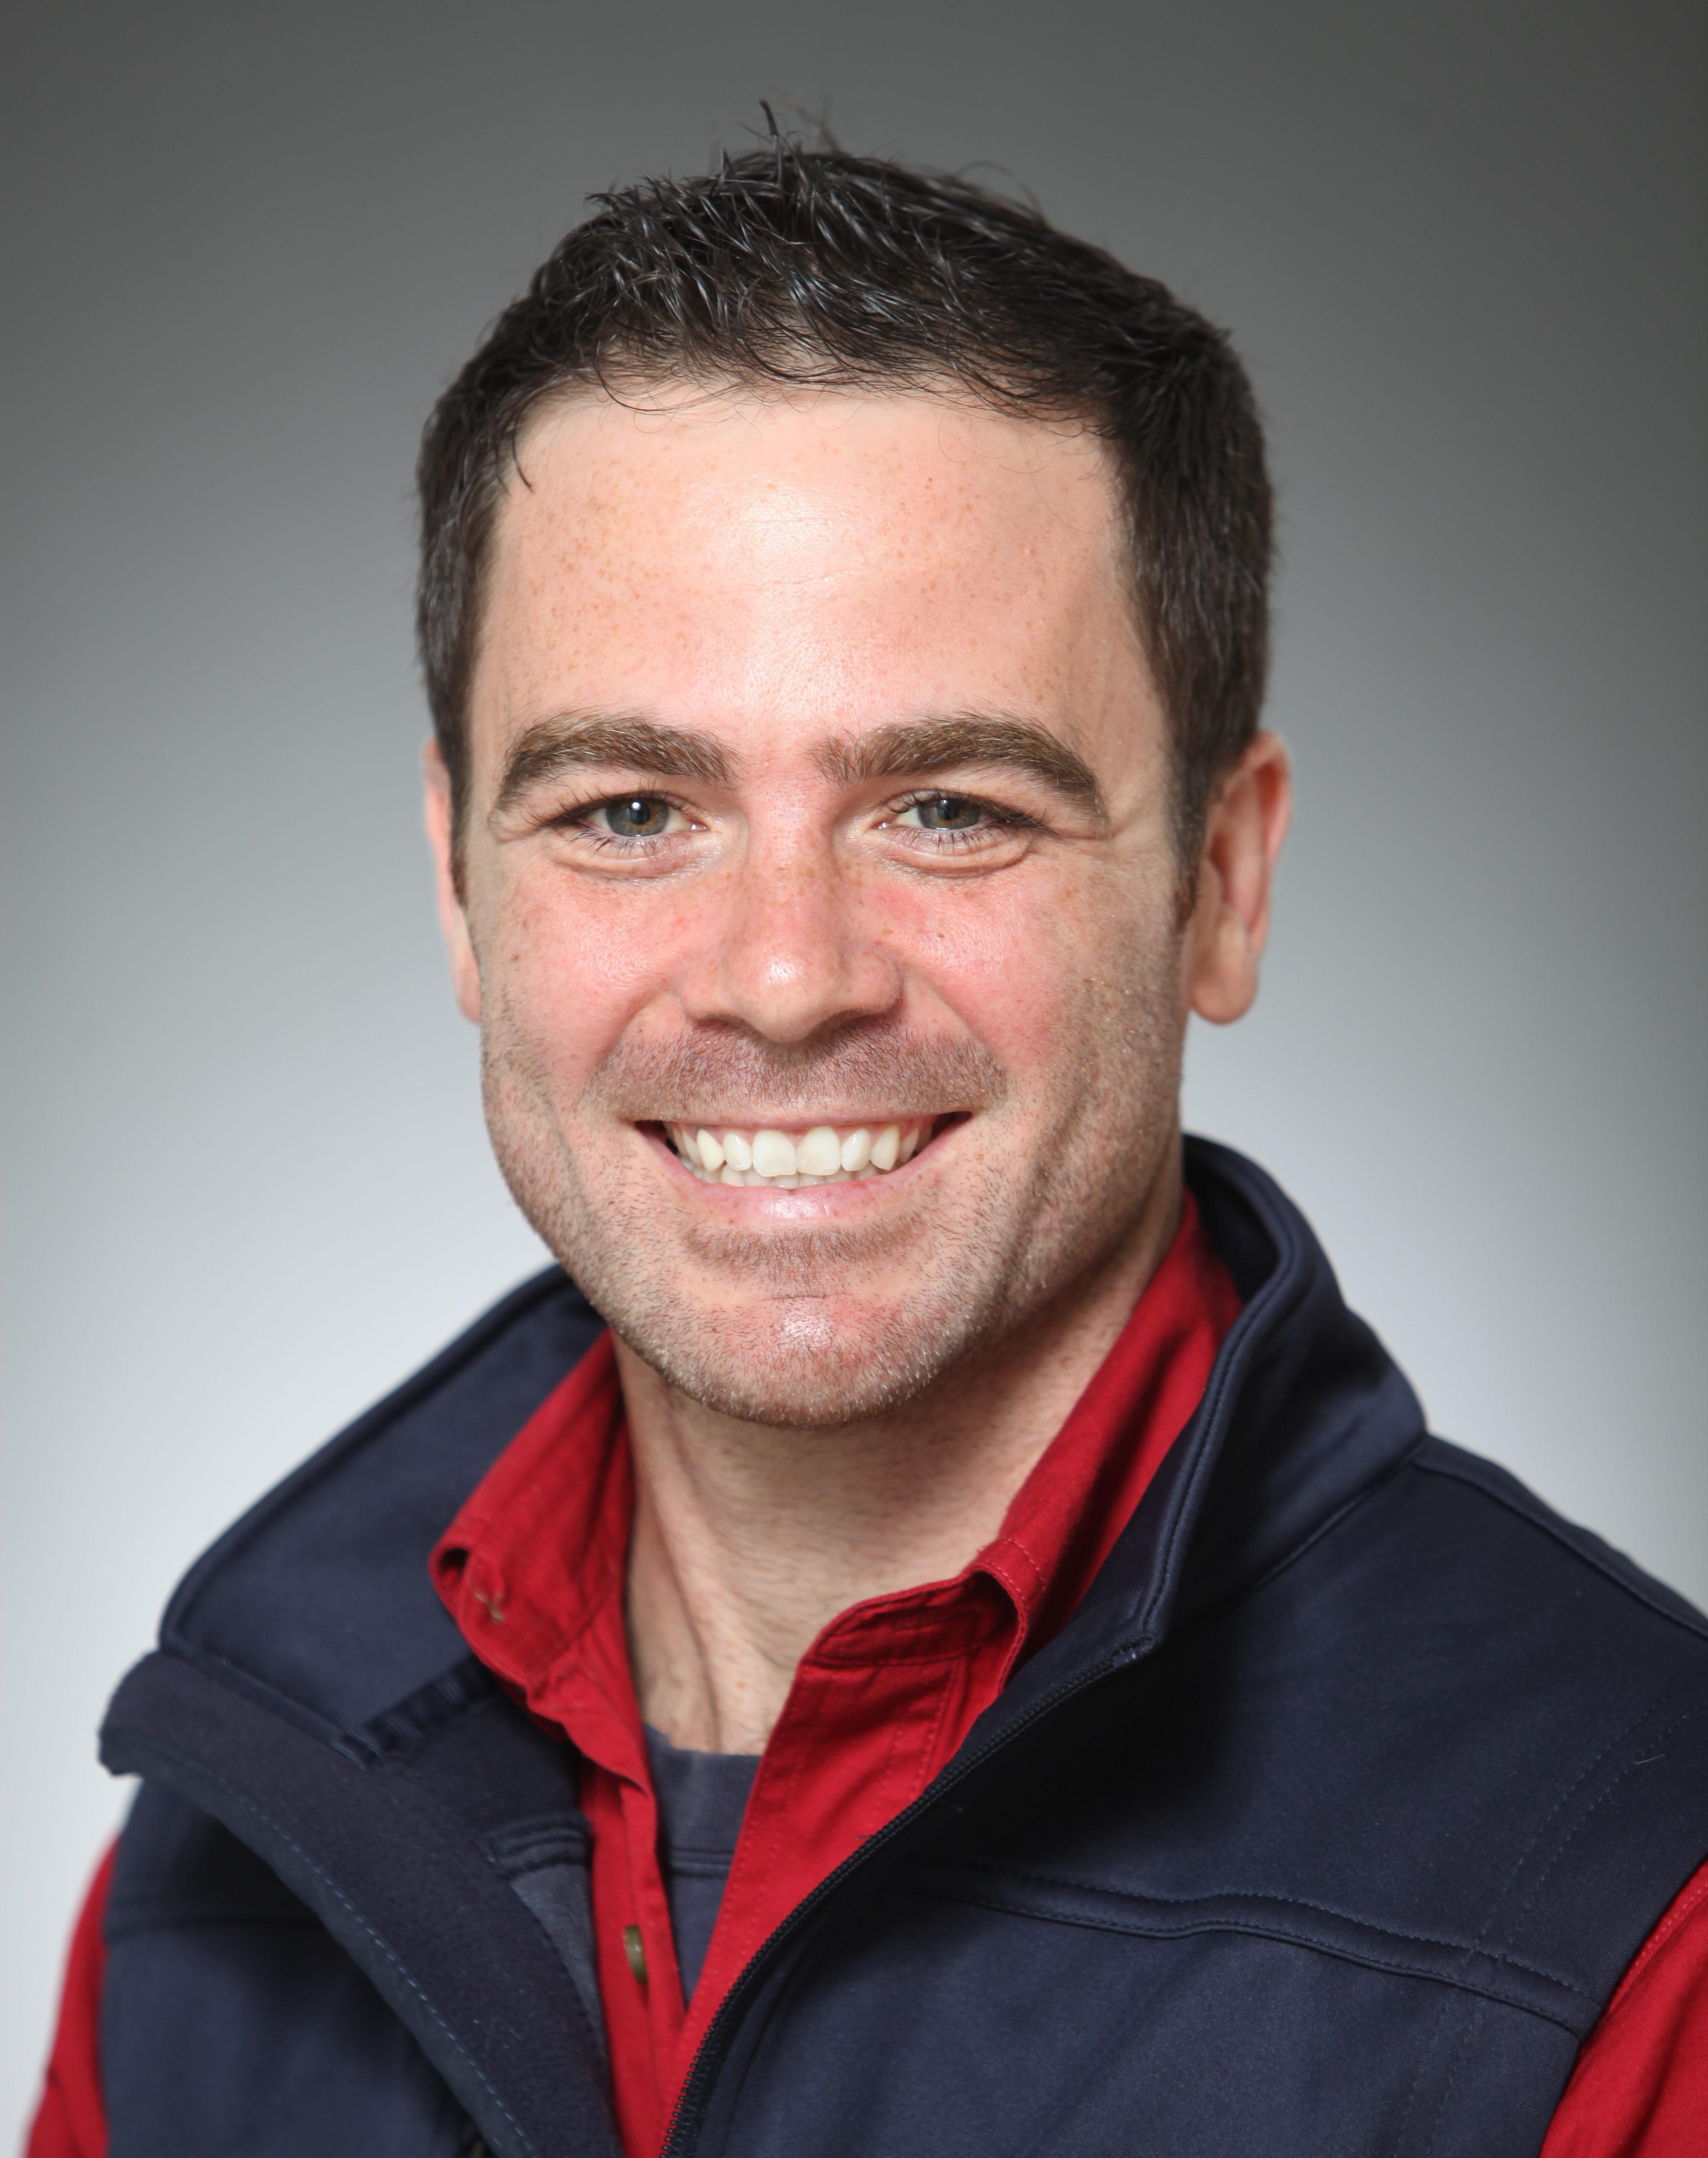 Dr Ben Schmidt